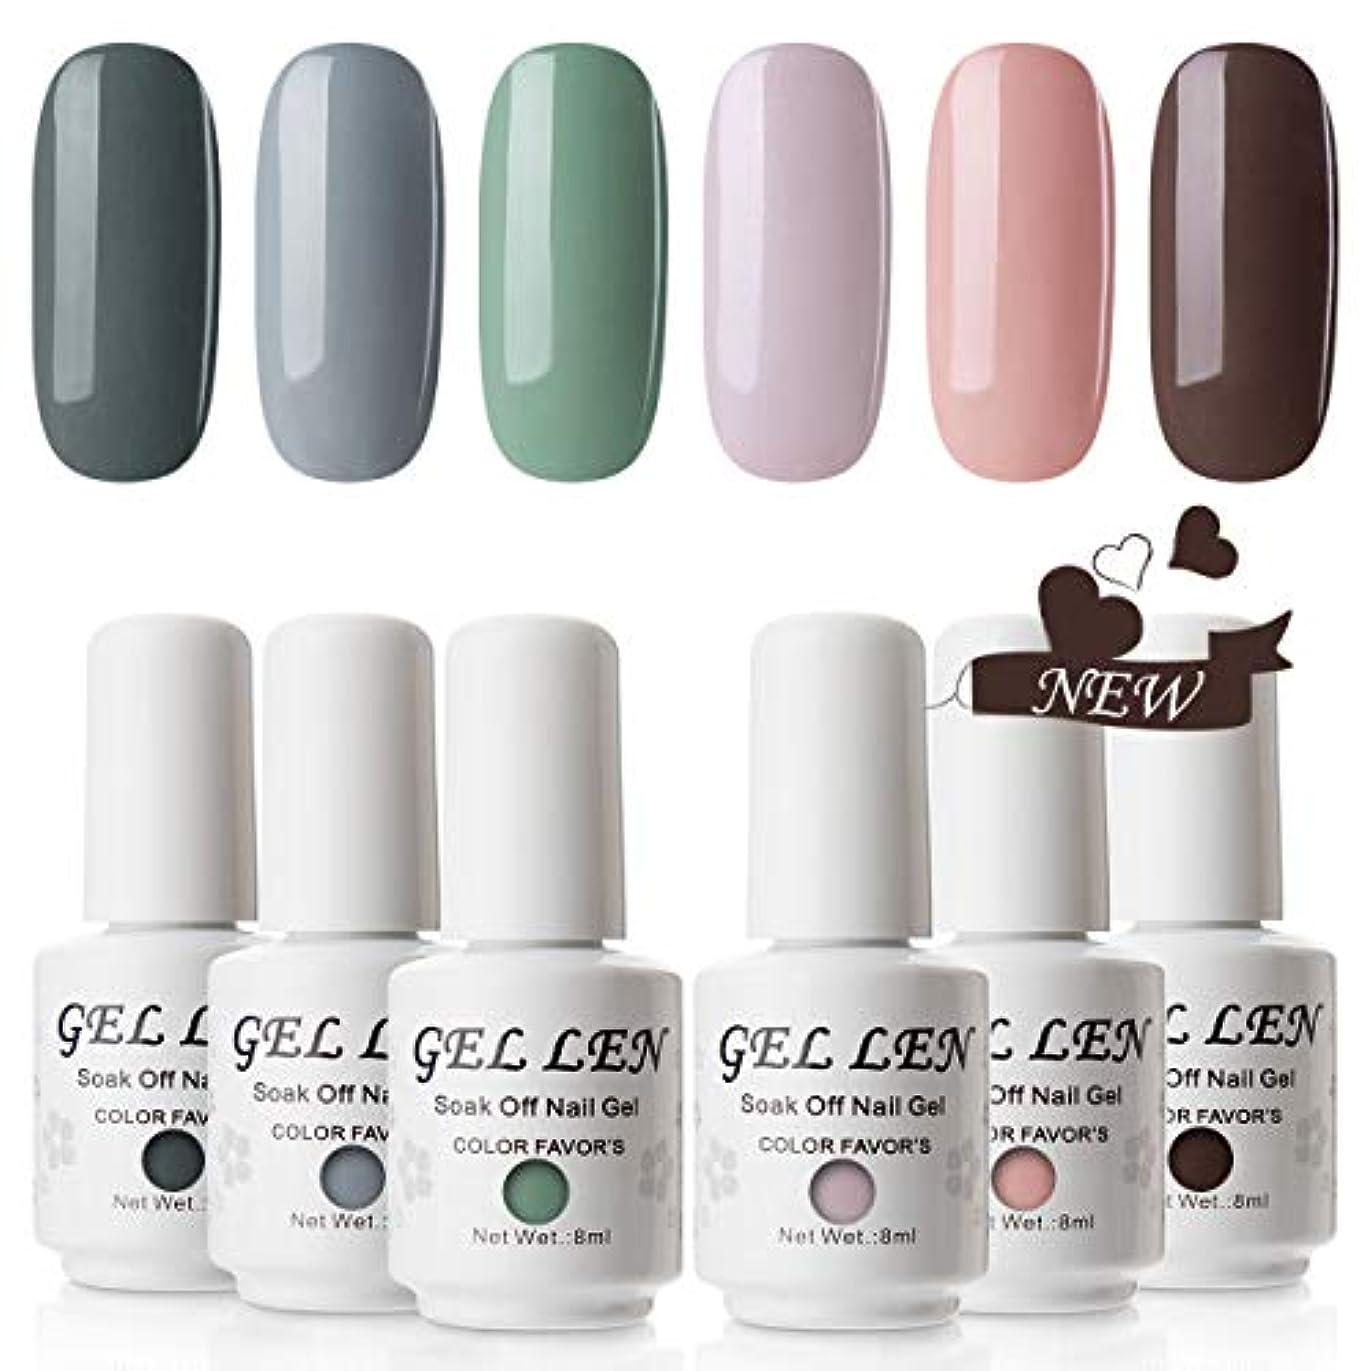 同化する曖昧な解決Gellen ジェルネイル カラージェル 厳選6色 UV/LED ラメ 全ての女性に愛されるカラー 8ml くすみカラー 和色